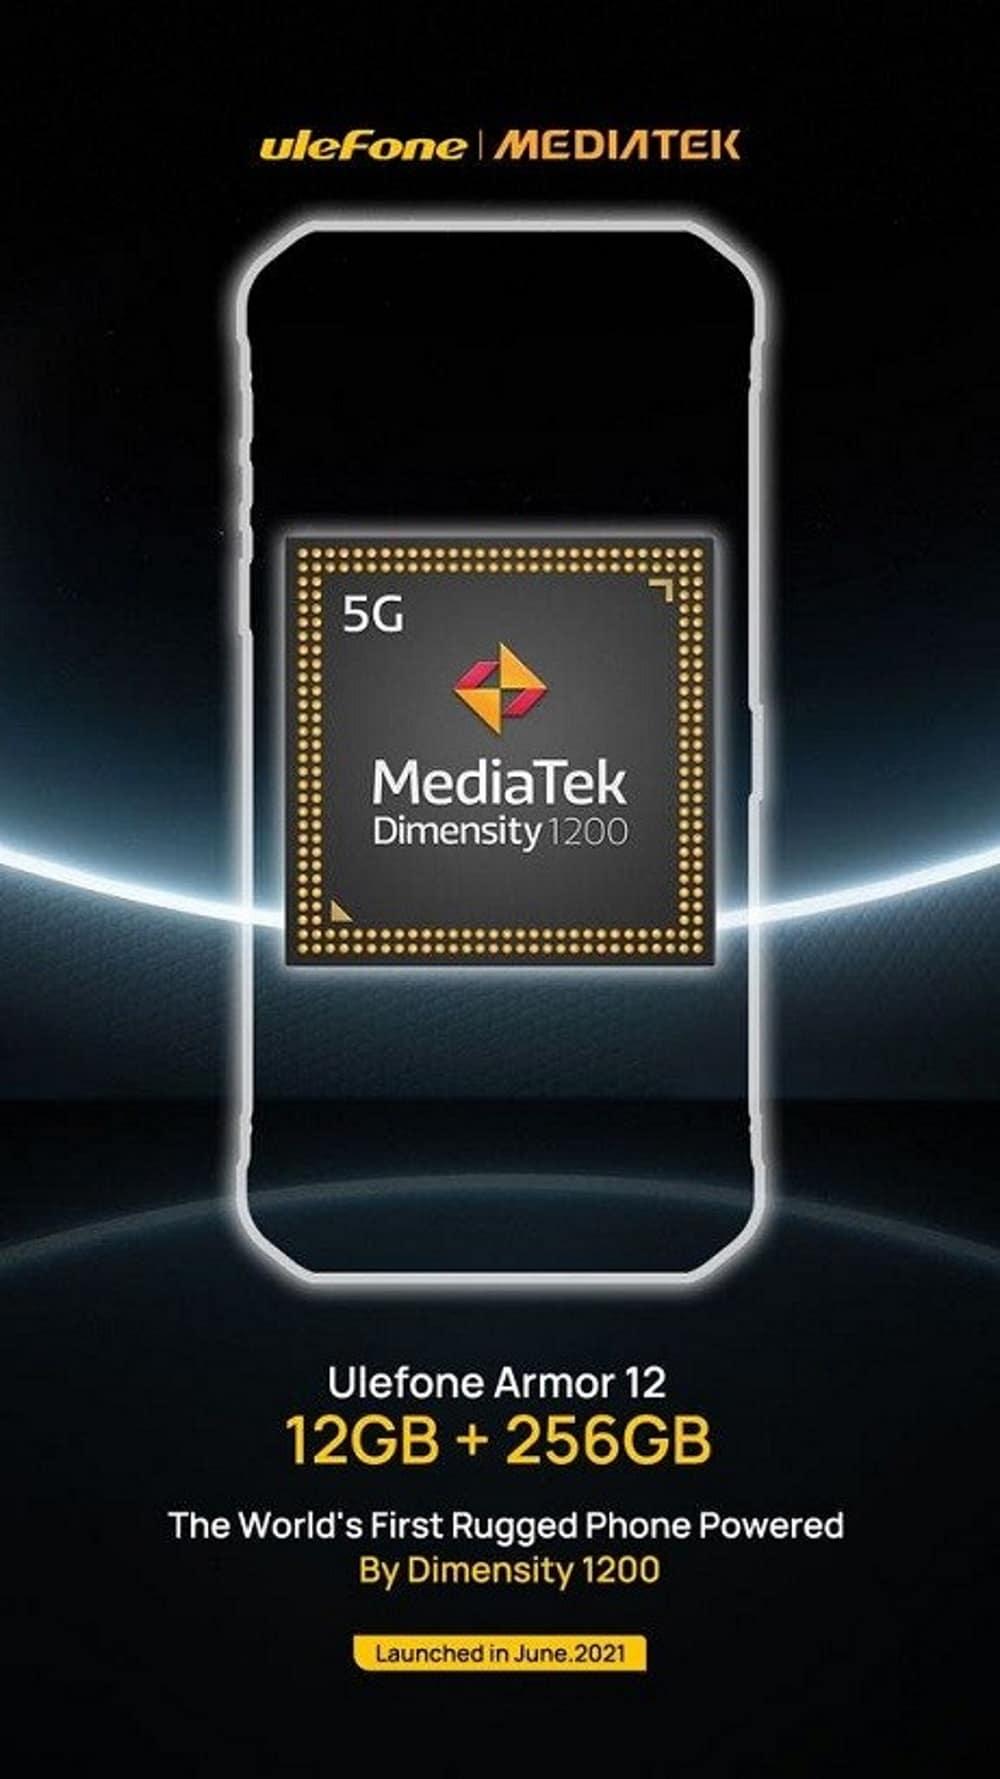 Pôster oficial do Armor 12 confirma smartphone da Ulefone com o processador Dimensity 1200, da MediaTek